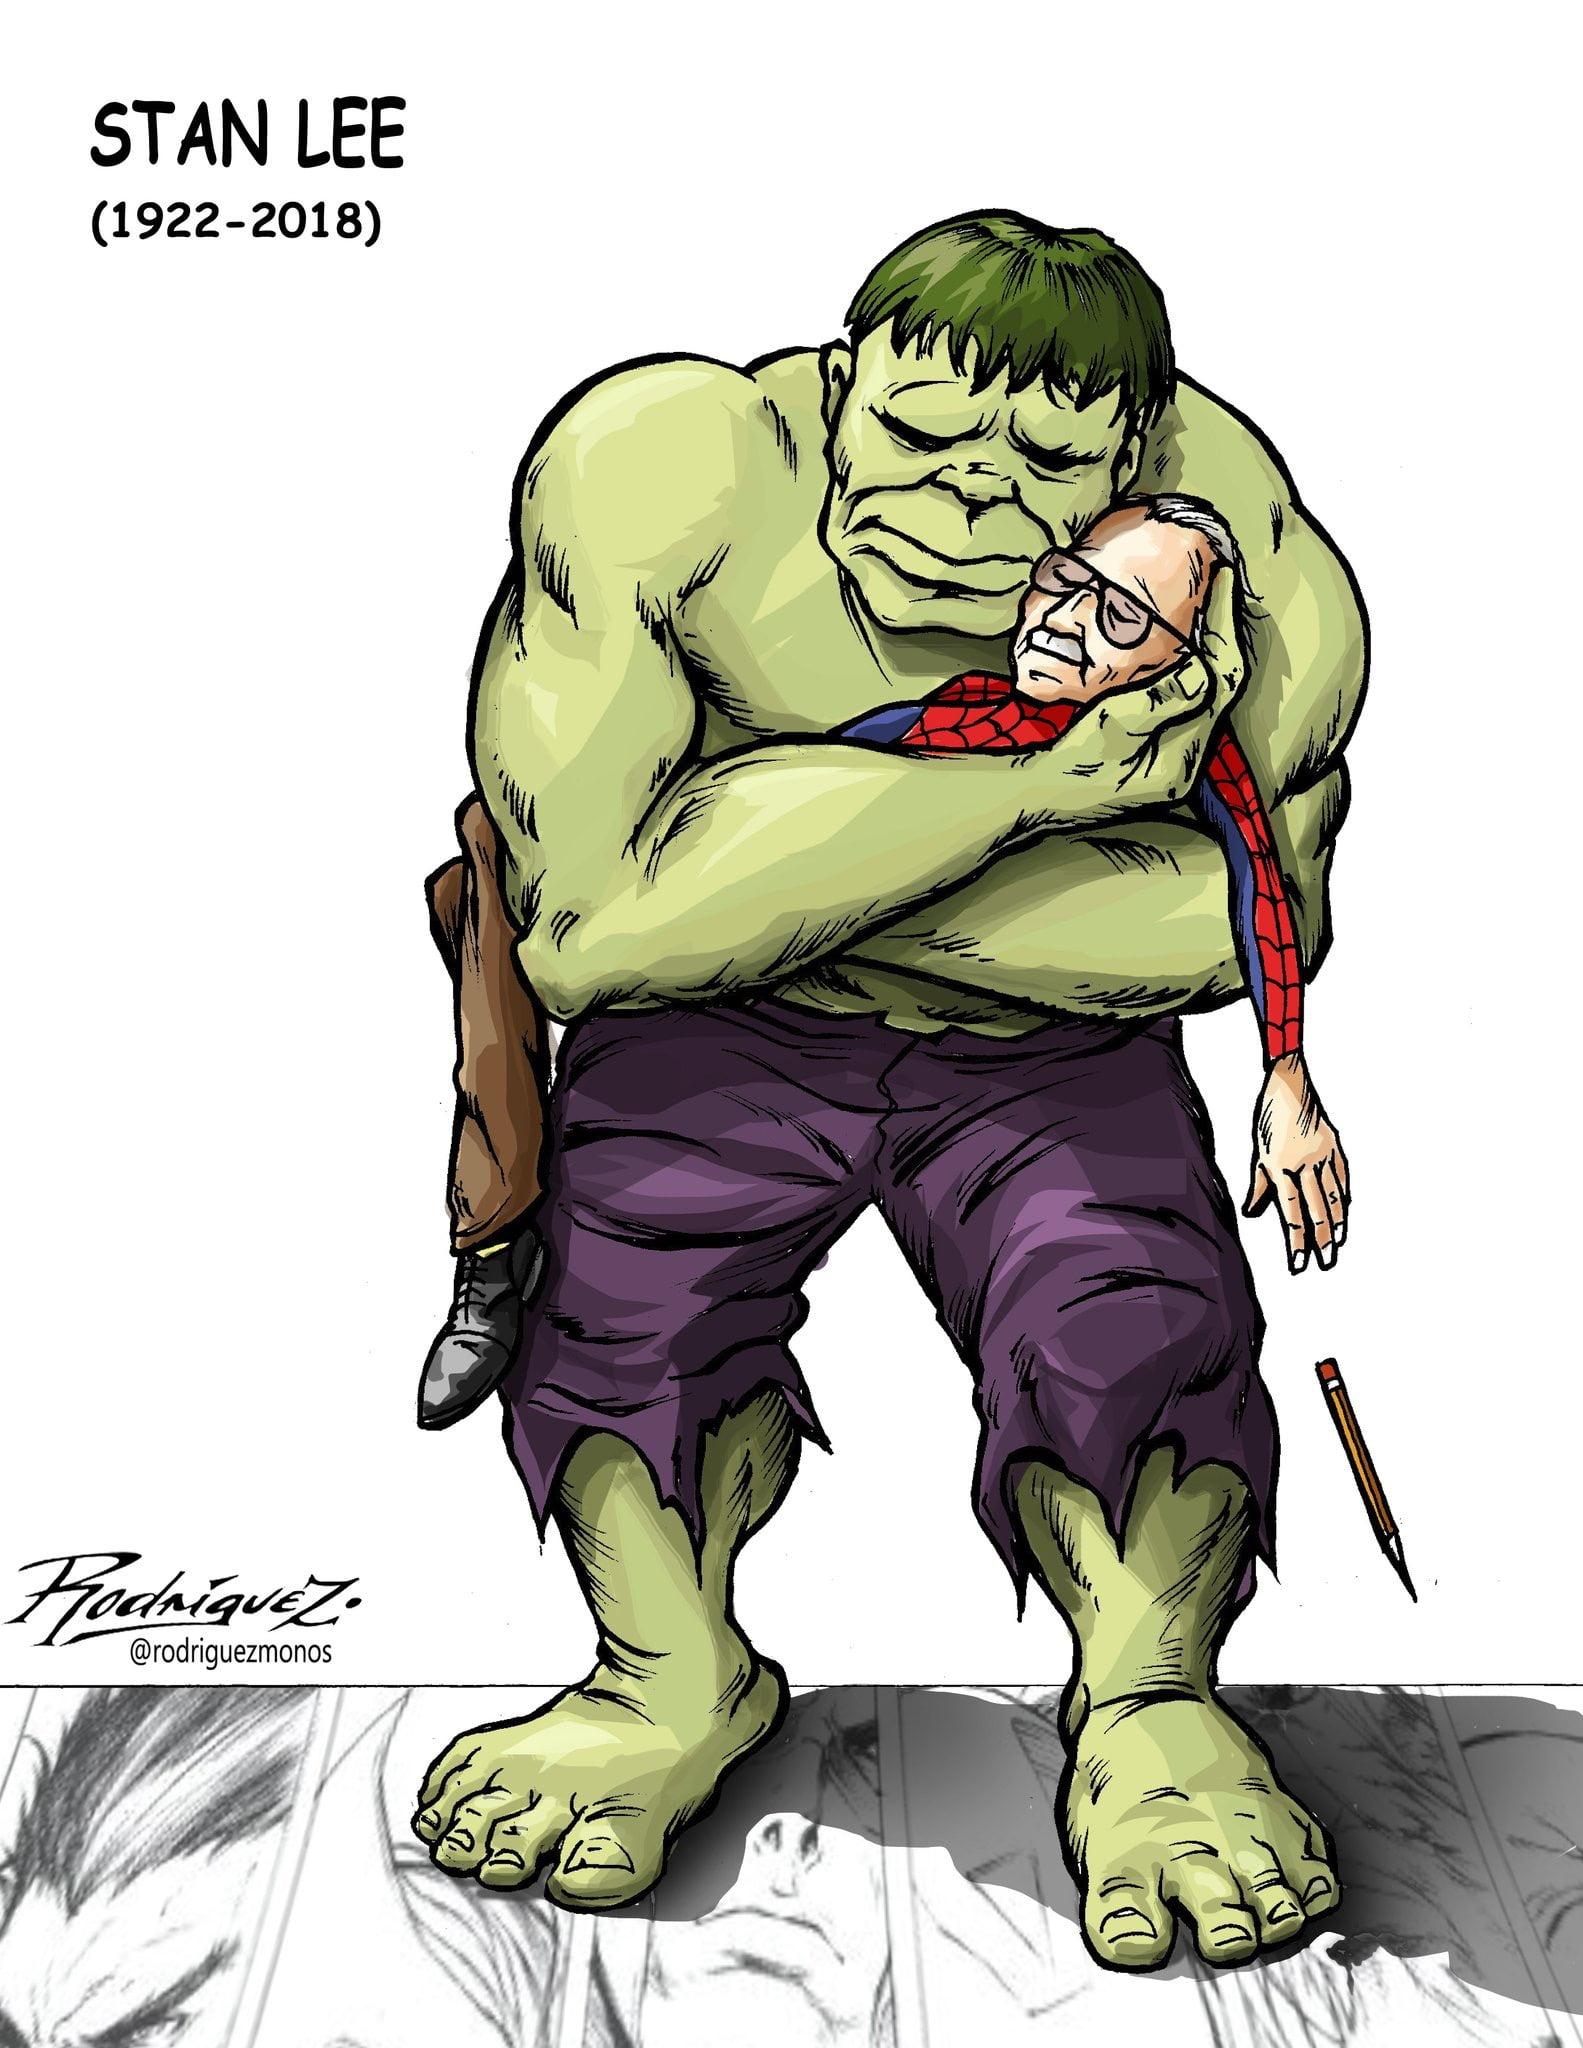 Good trip Stan Lee. Editorial Cartoon by Antonio Rodriguez Garcia, from Mexico City, Mexico